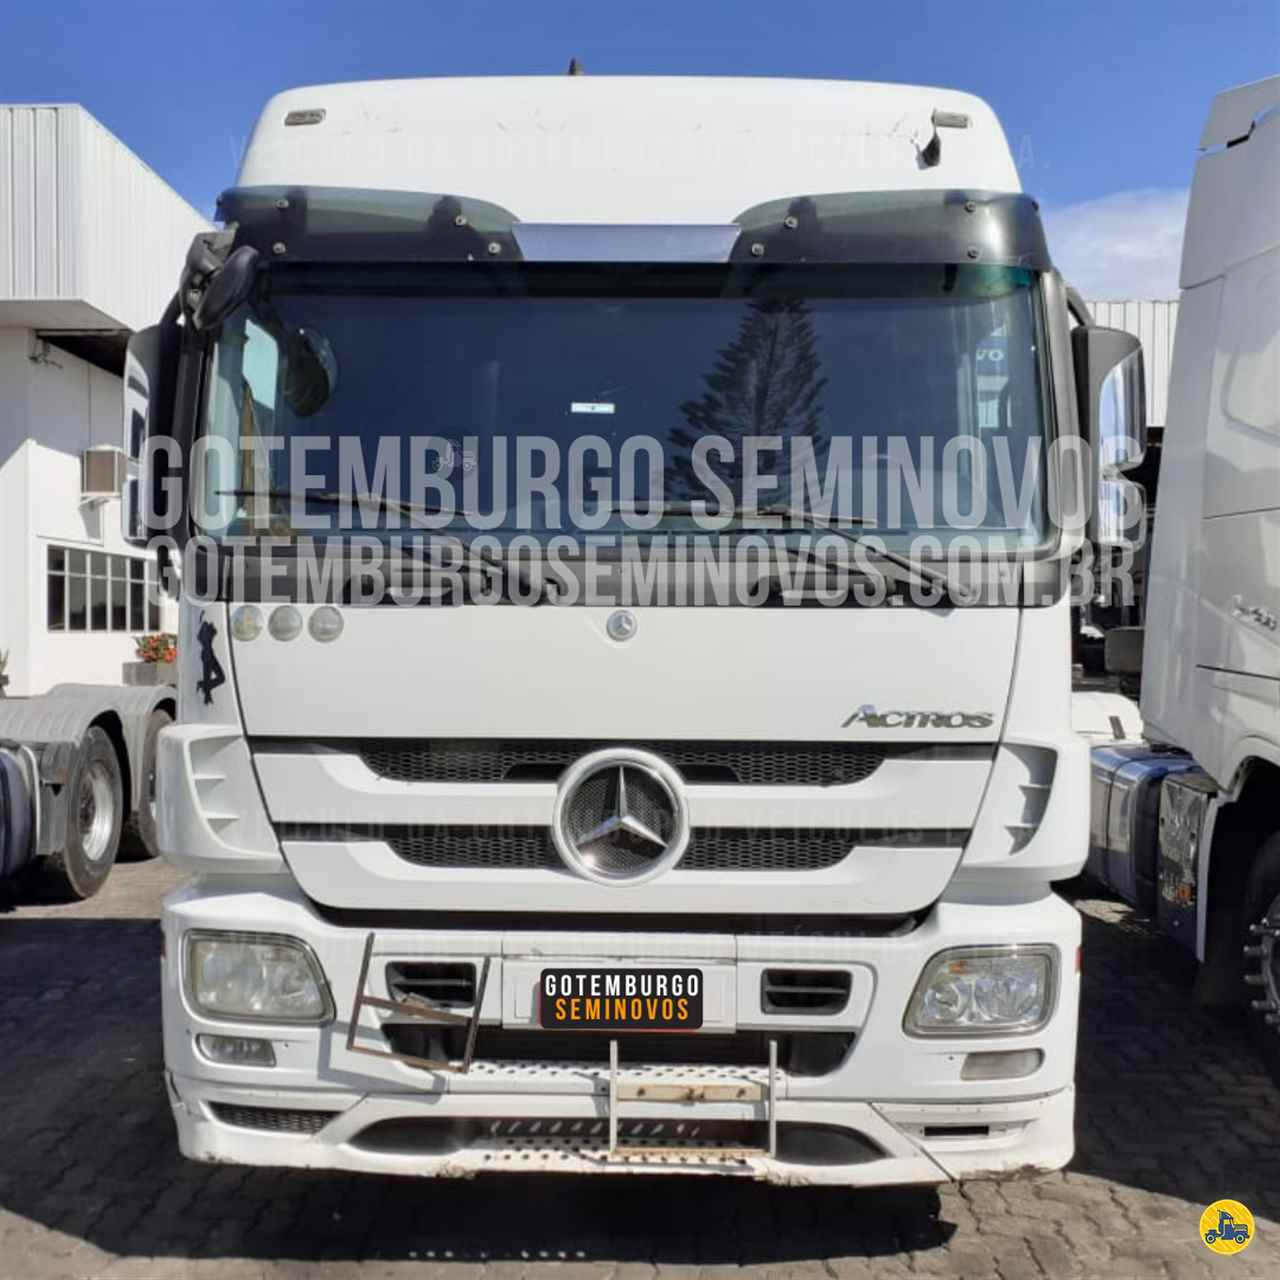 CAMINHAO MERCEDES-BENZ MB 2646 Cavalo Mecânico Traçado 6x4 Gotemburgo - VOLVO no Nordeste SIMOES FILHO BAHIA BA